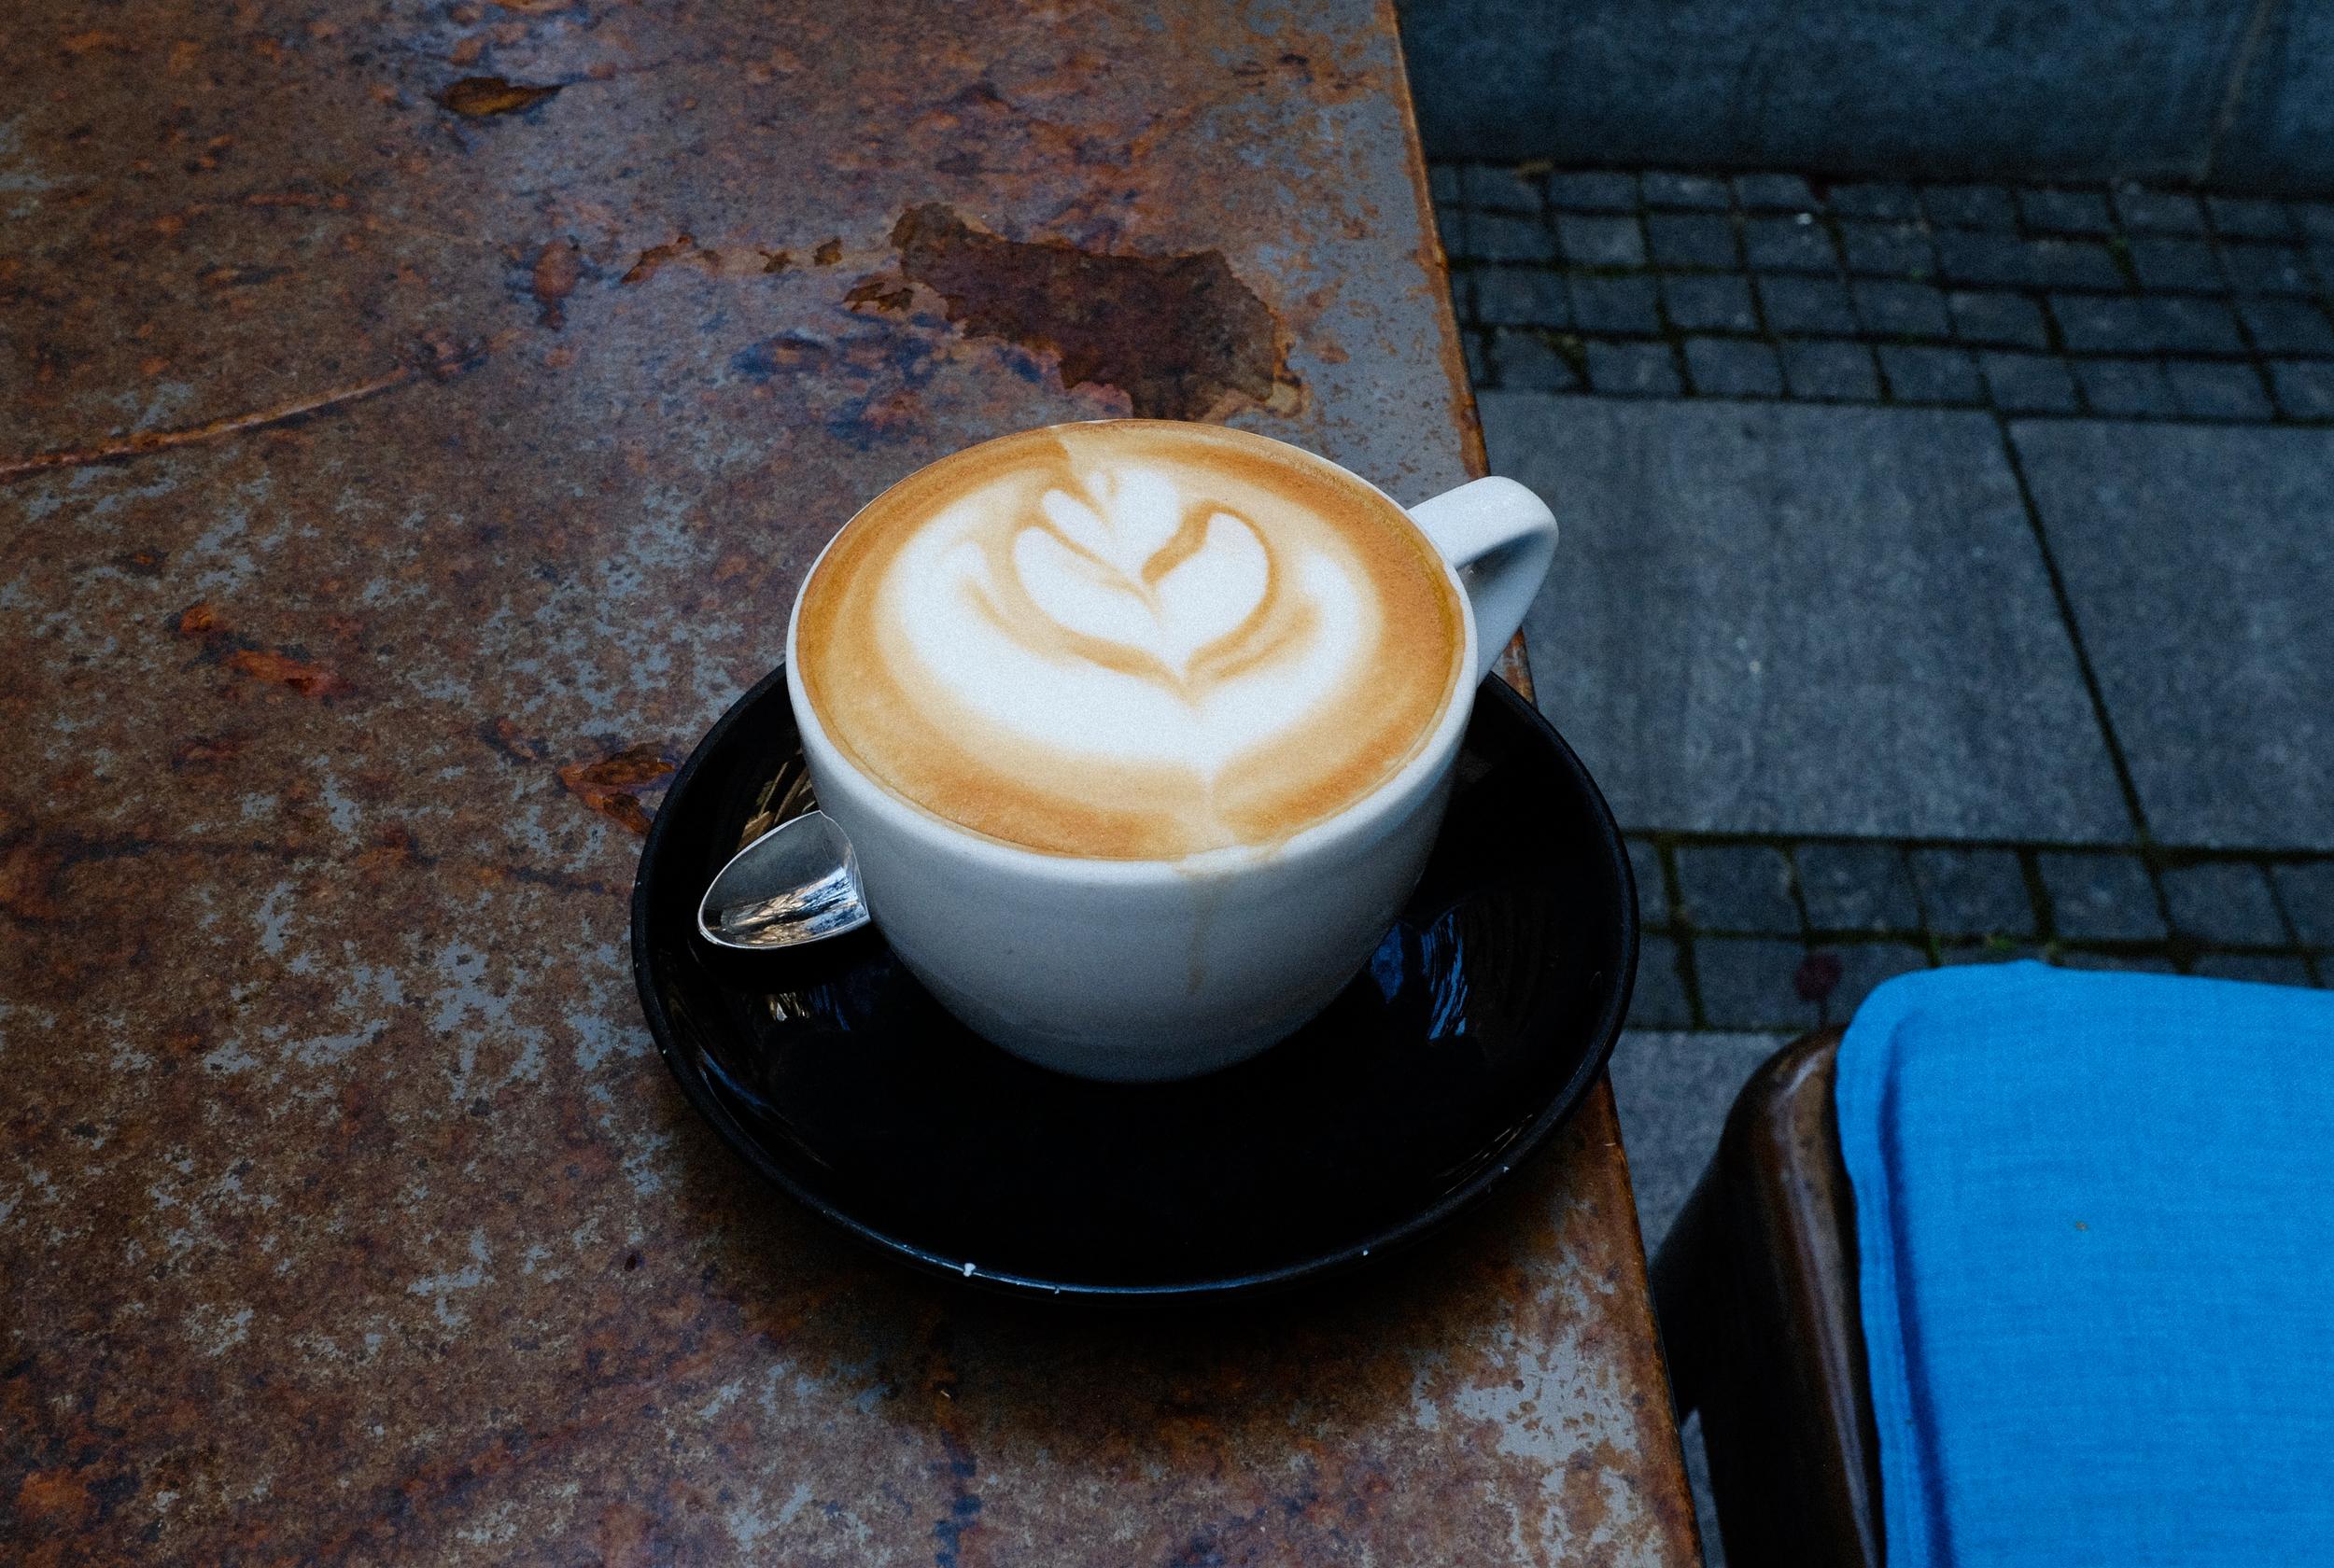 Cappuccino at  Koffein  off of Cara Lazara